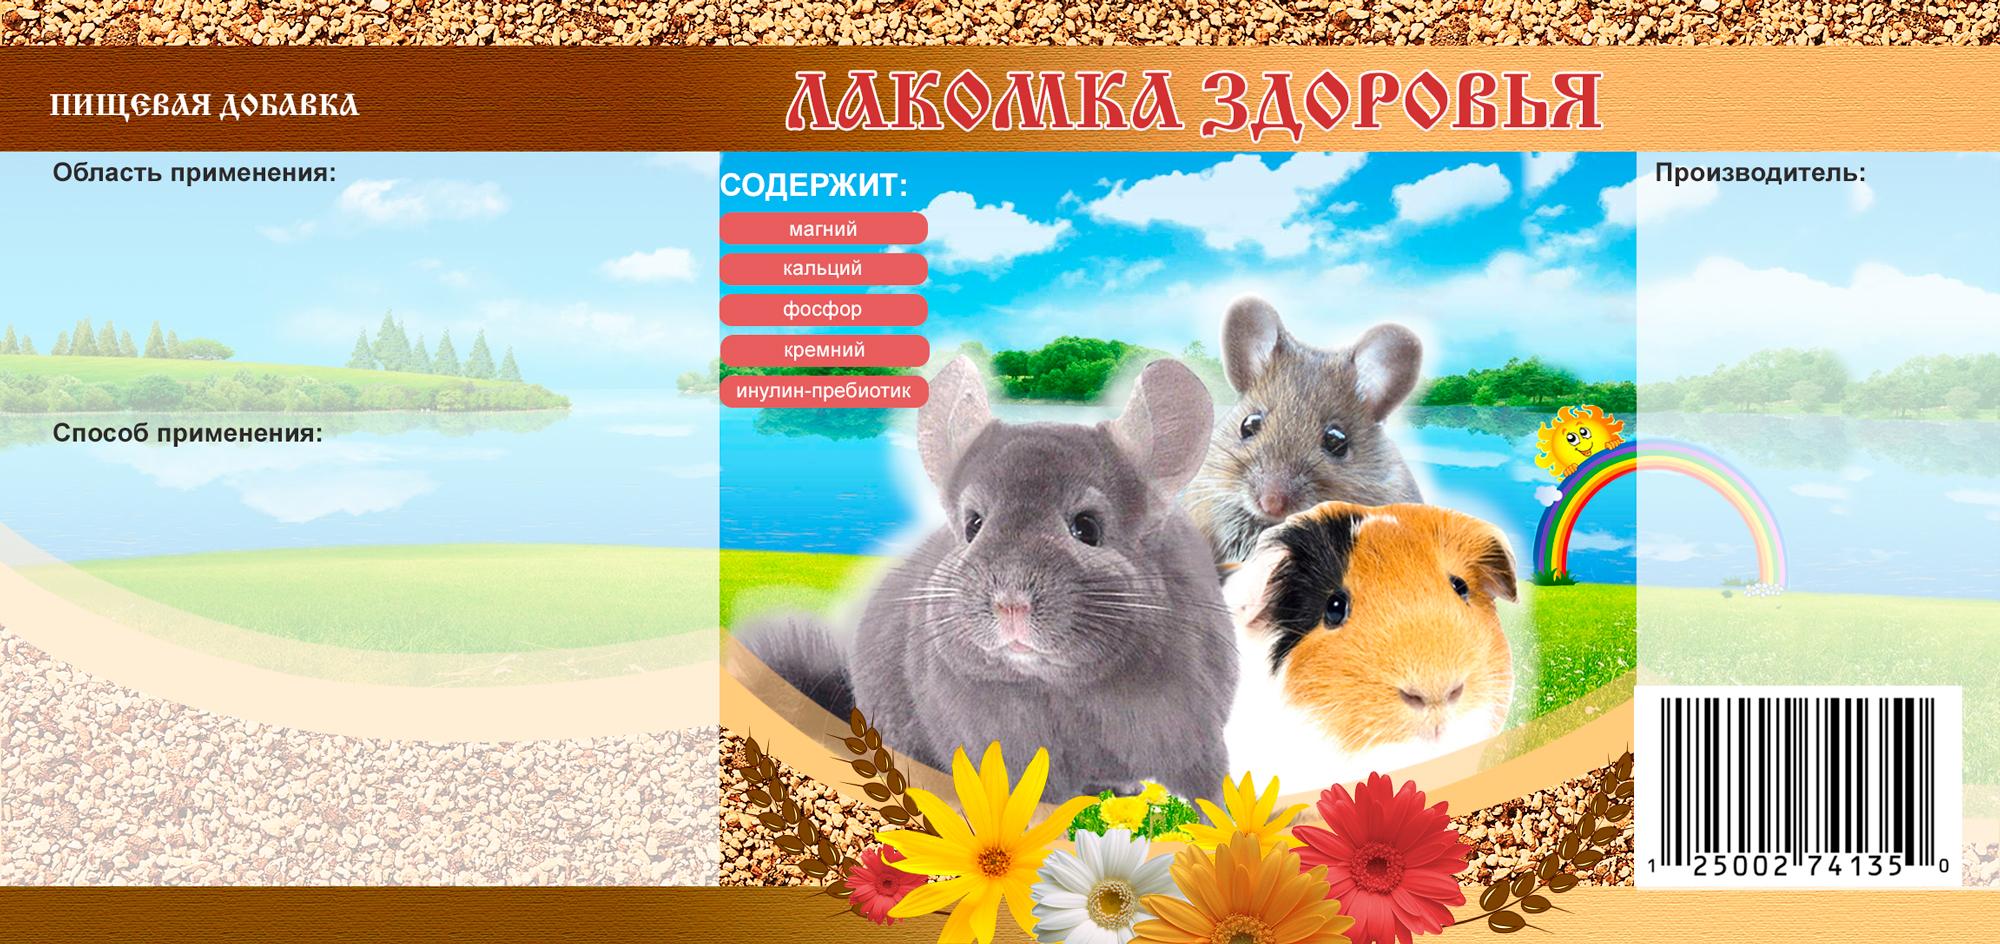 Дизайн этикетки на ПЭТ-банку лакомства для домашних грызунов фото f_22453a58f0db13e3.jpg